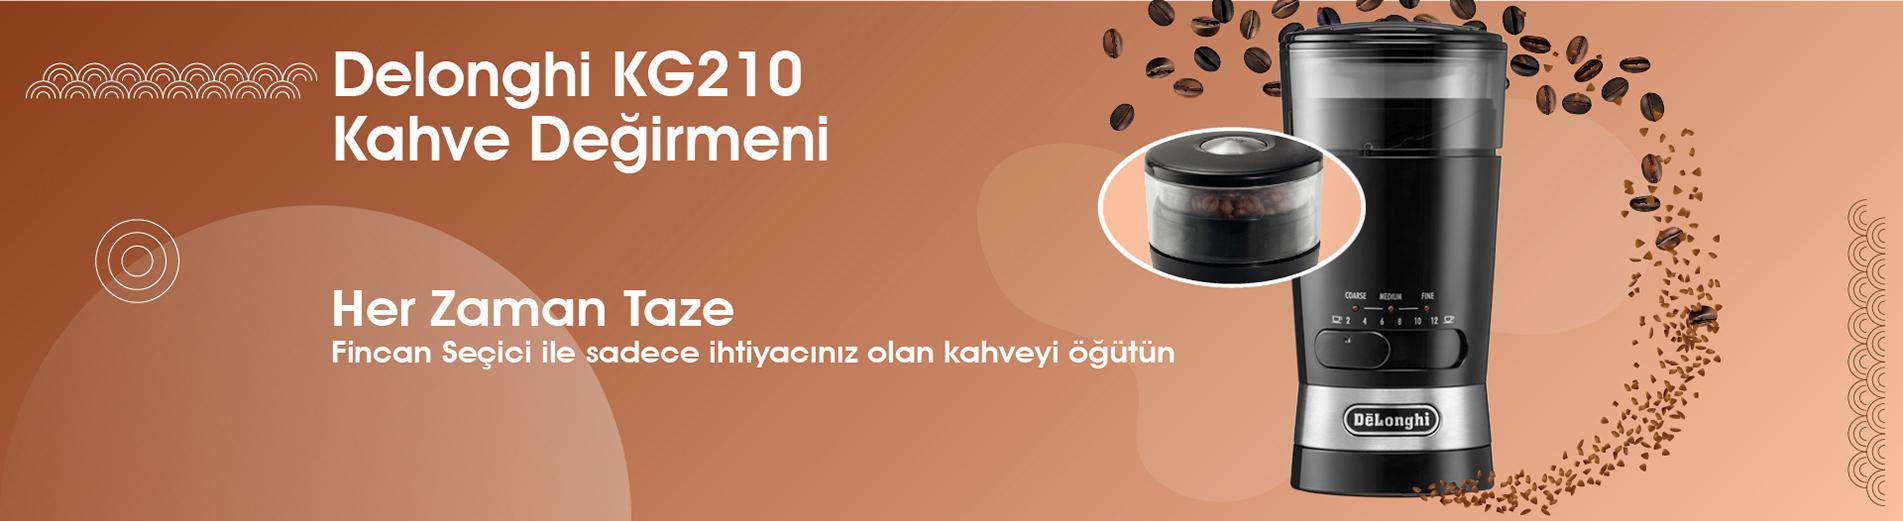 delonghi-kg210-kahve-degirmeni-21020